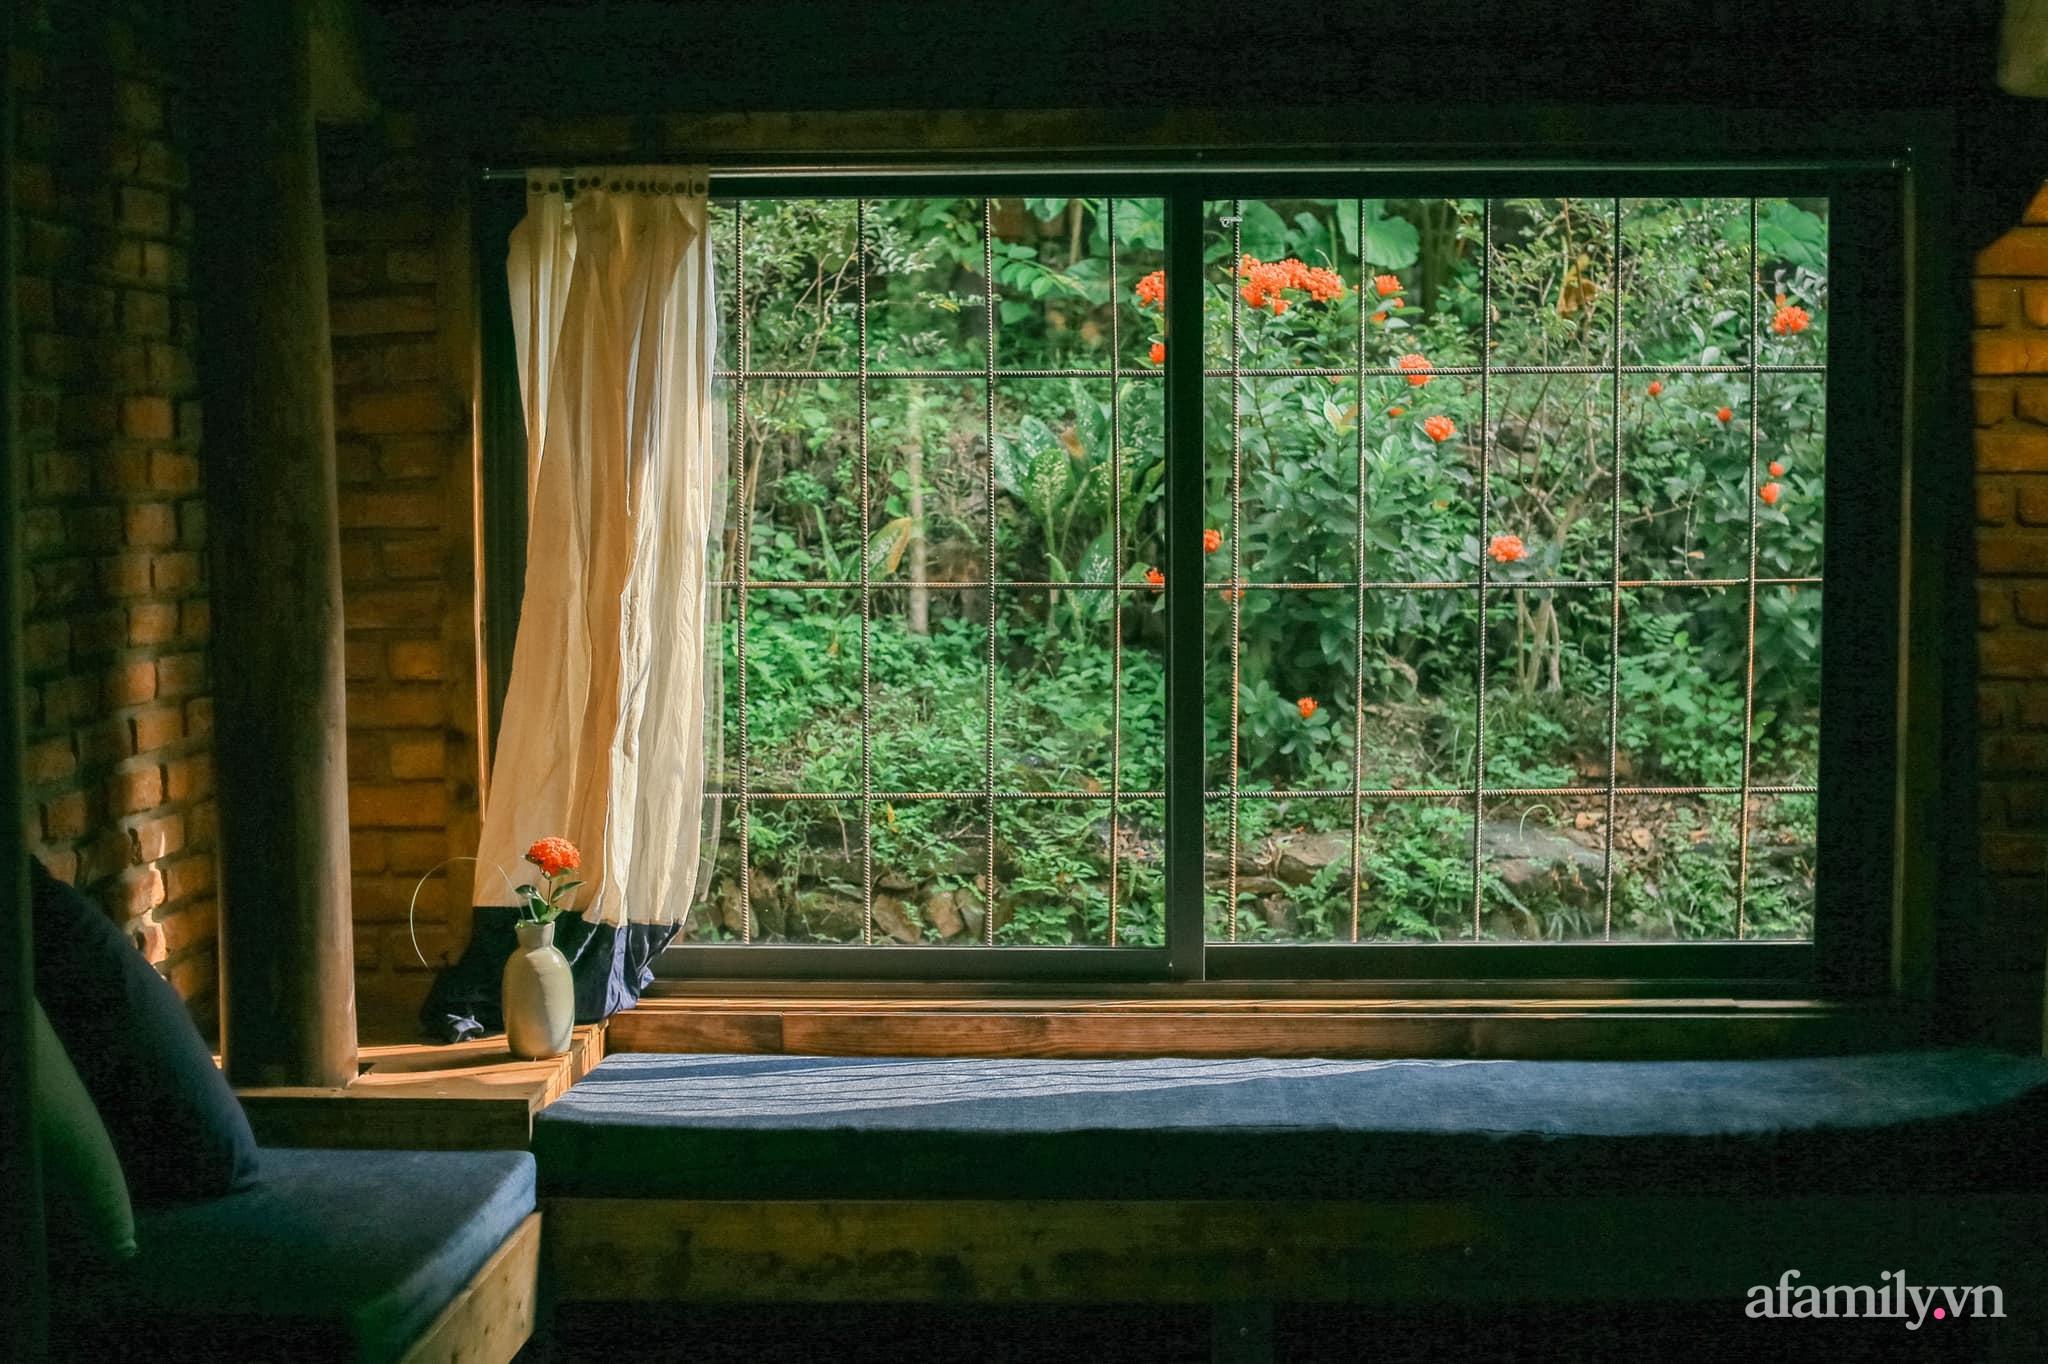 Cải tạo không gian rêu phong thành nhà vườn gói ghém những bình yên của người phụ nữ Hà Thành - Ảnh 22.